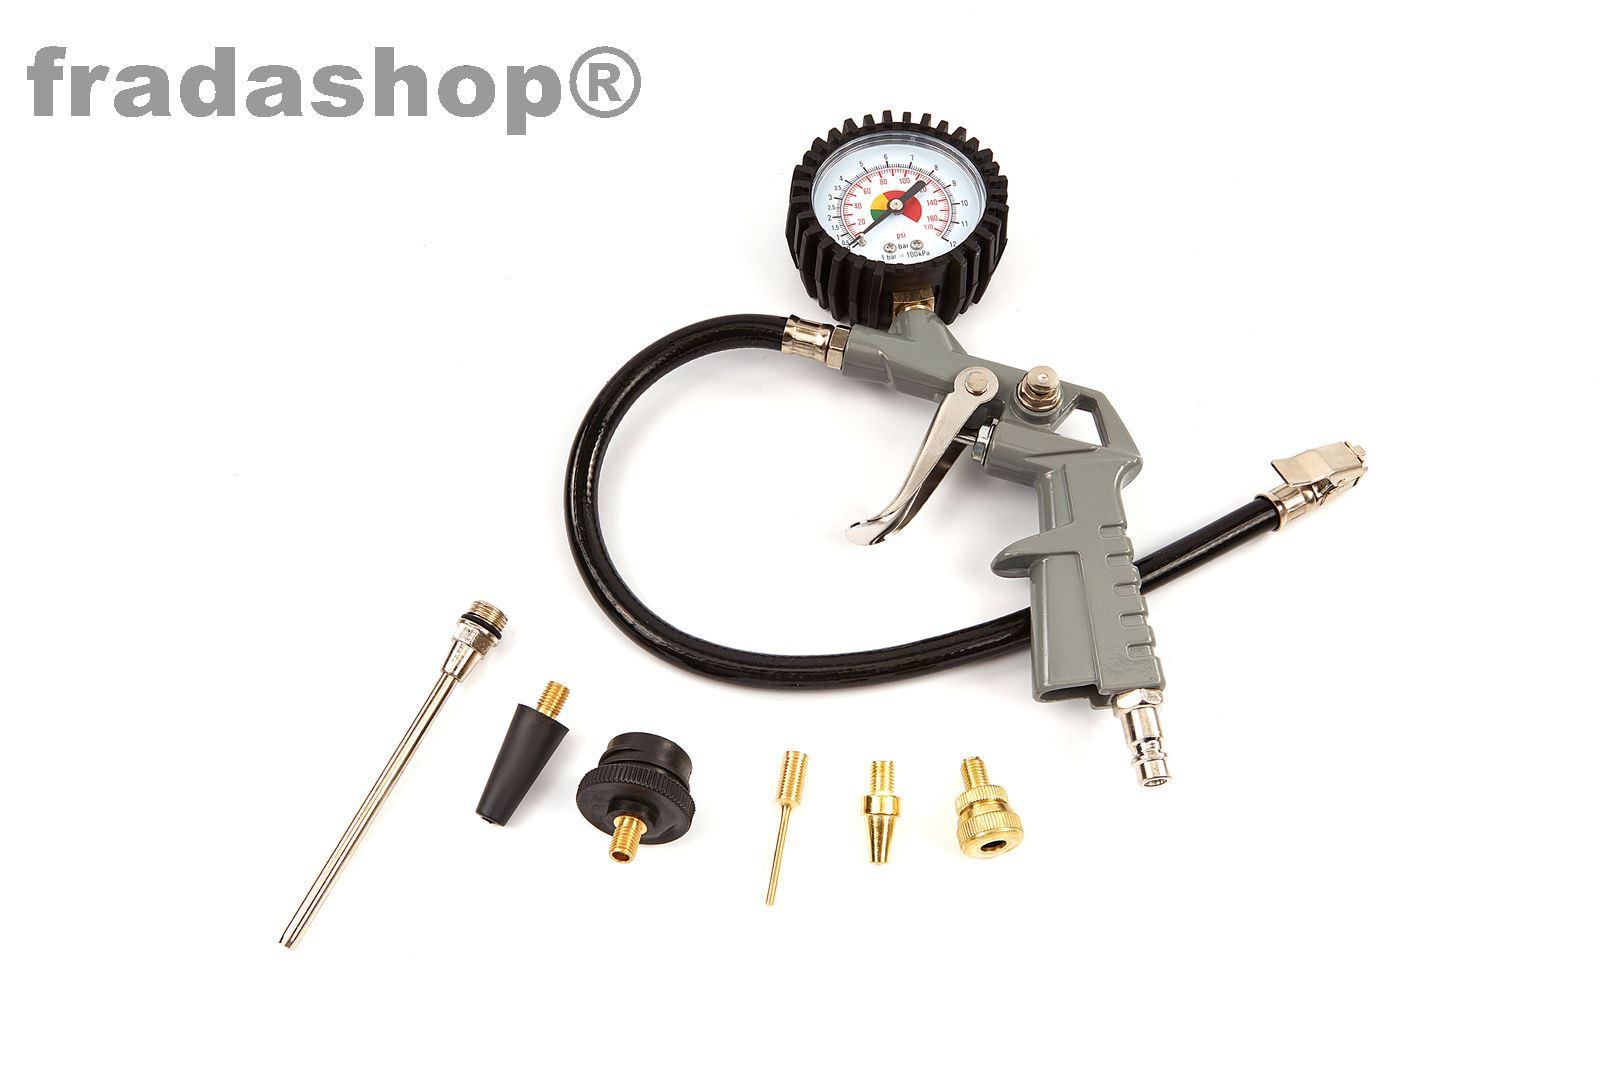 Kompressor Mit Zubehör : portabler kompressor mit zubeh r fradashop ~ Watch28wear.com Haus und Dekorationen